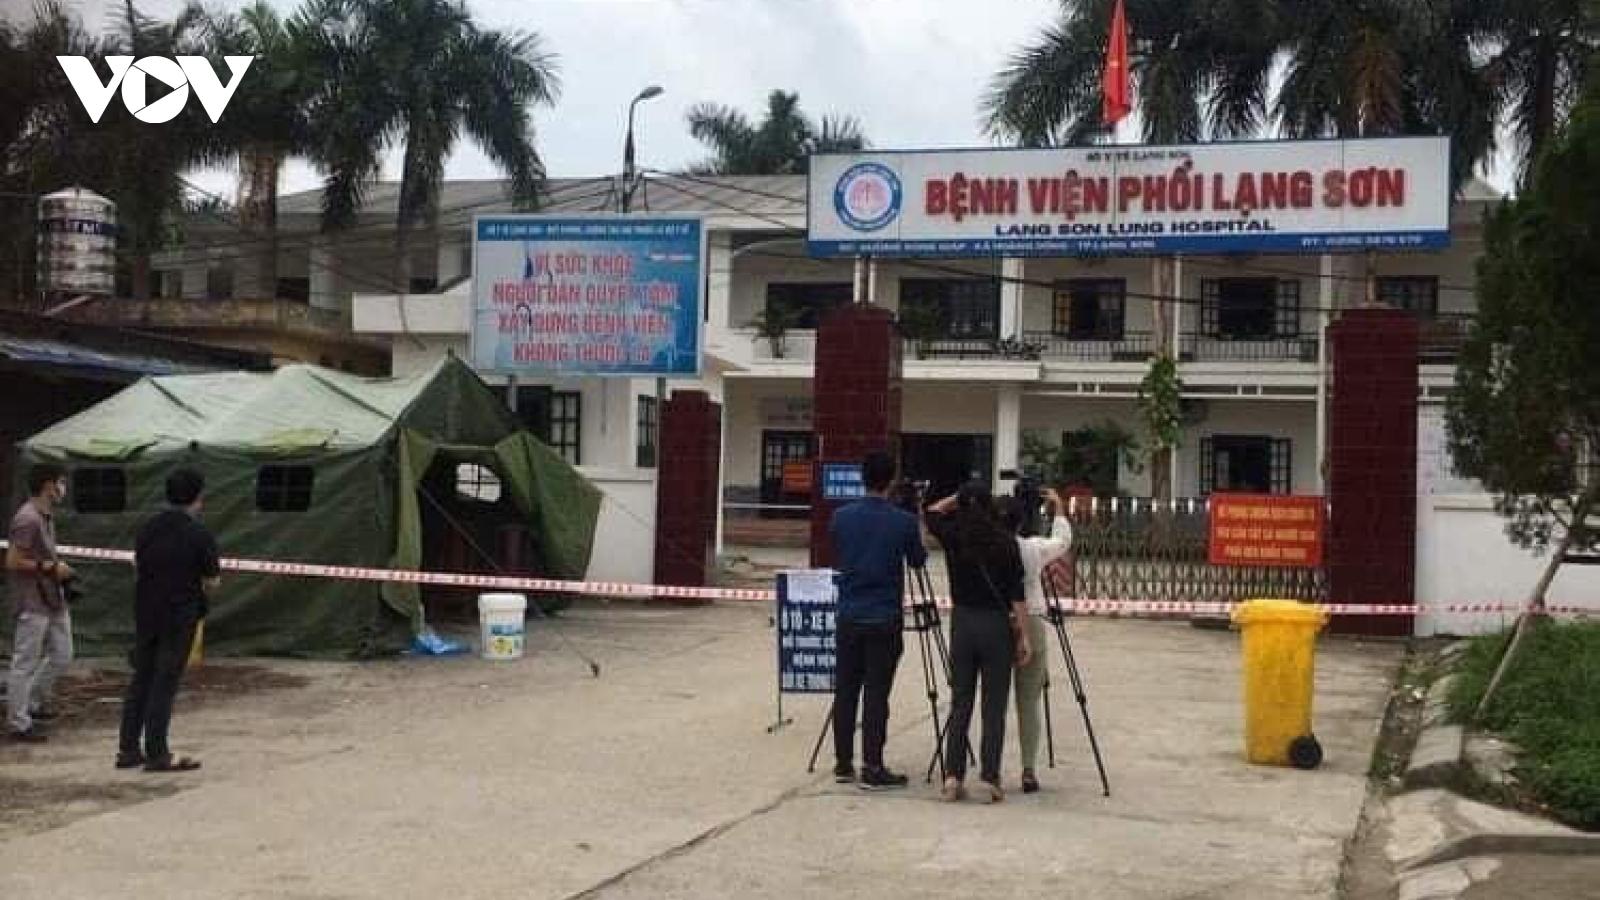 Phong tỏa Bệnh viện Phổi Lạng Sơn do có ca nghi mắcCOVID-19